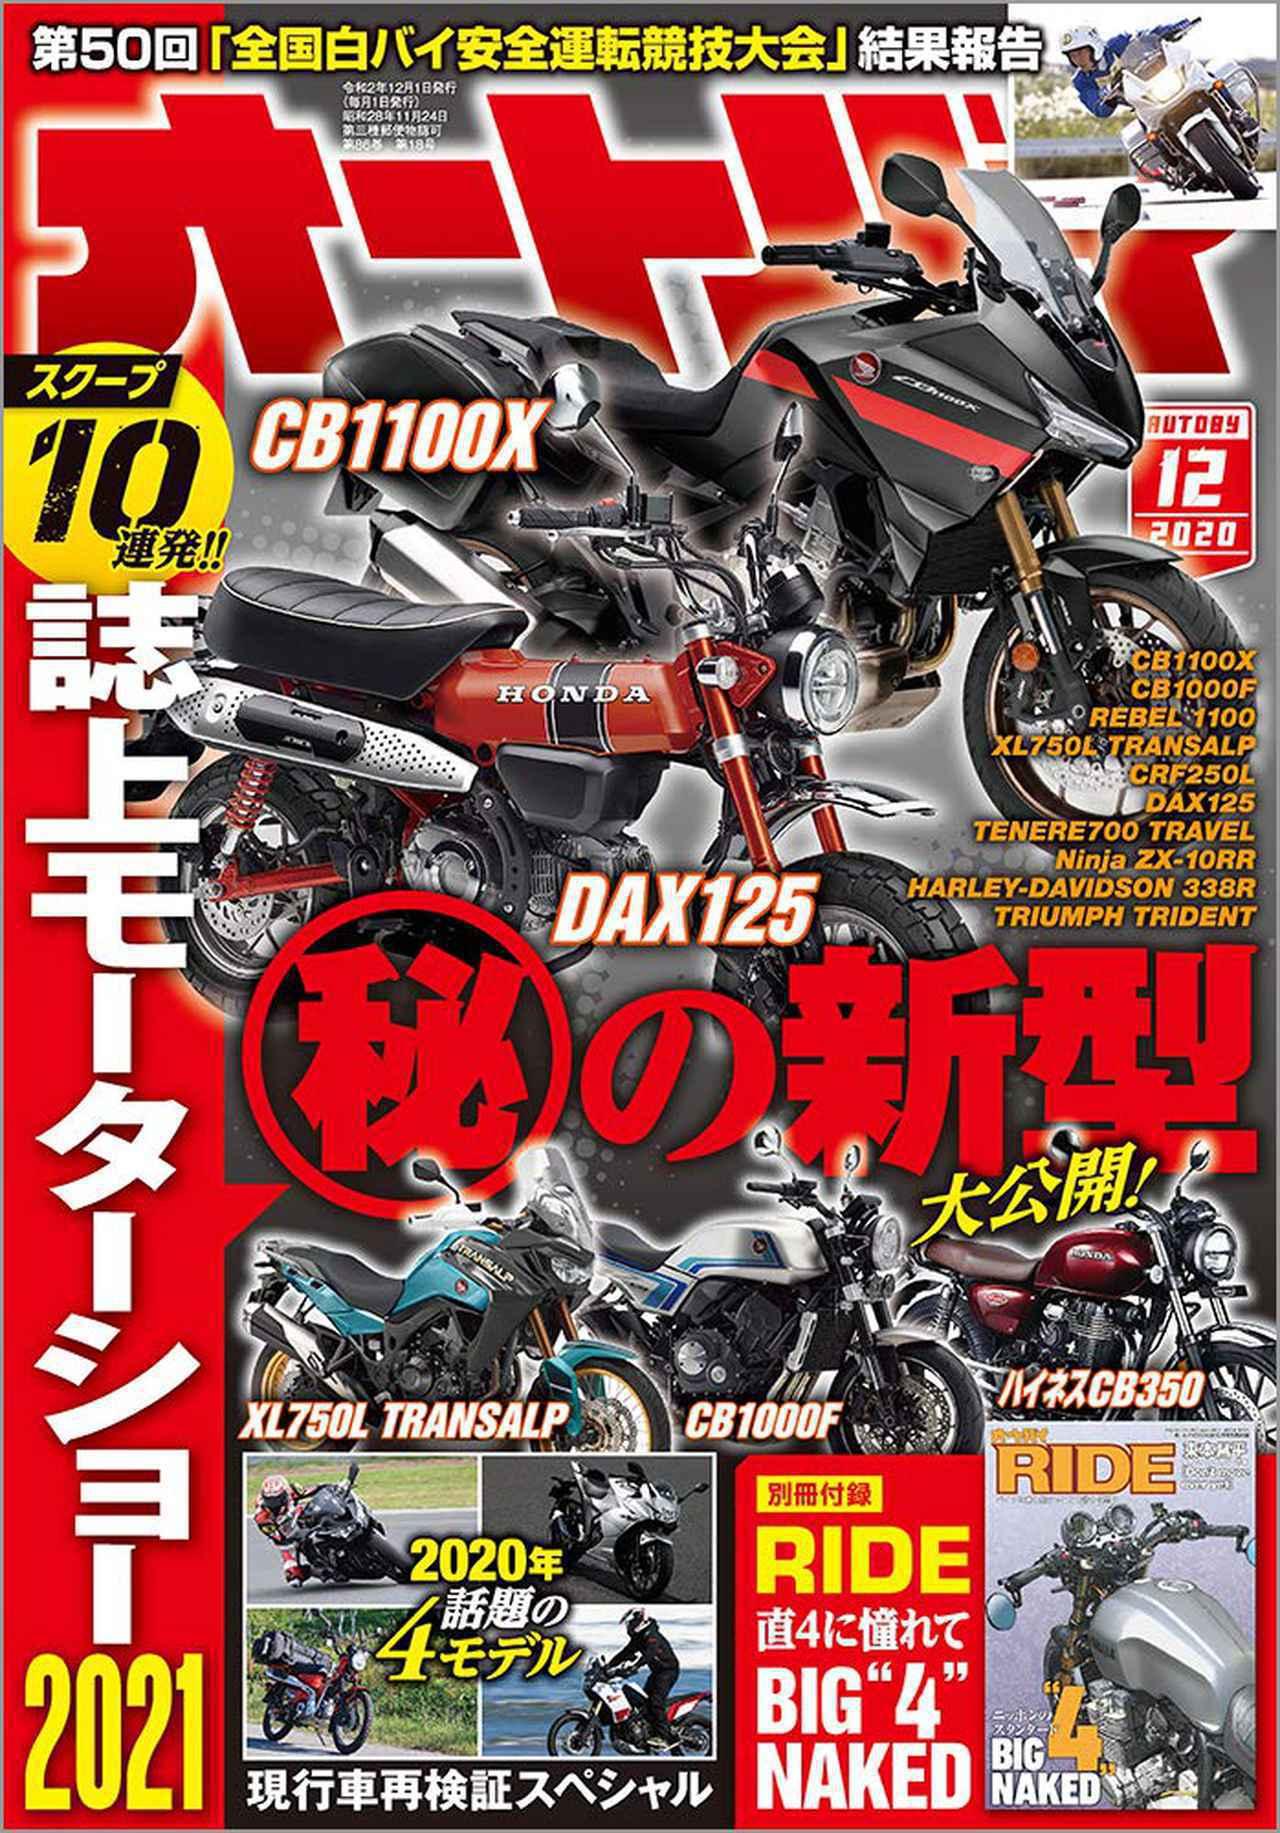 画像: 連載コラム「梅日和」は月刊『オートバイ』で毎号いち早くお楽しみいただけます。 - webオートバイ